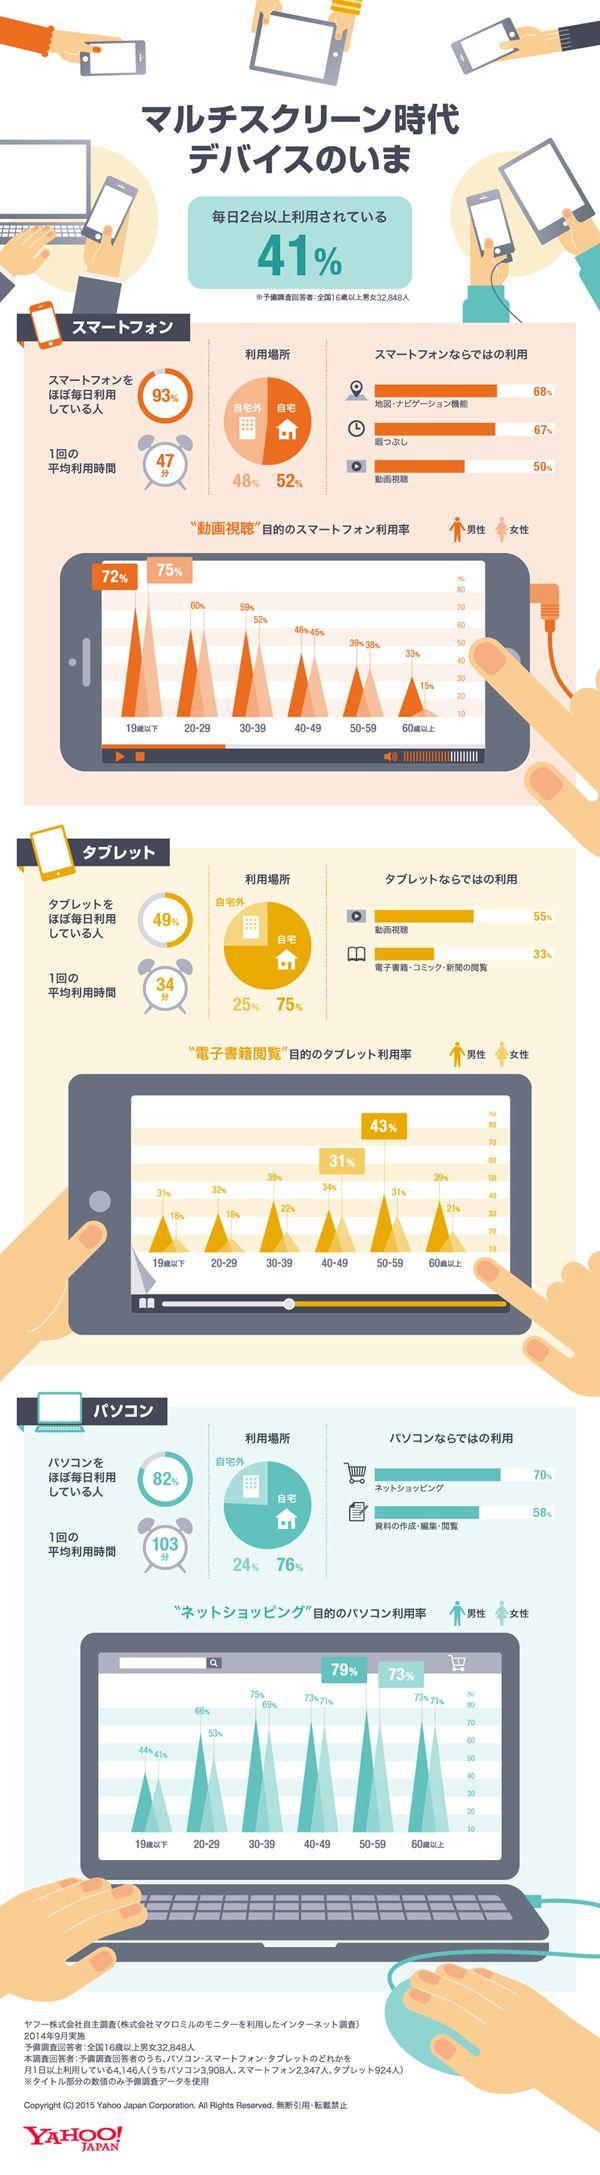 マルチスクリーンの環境下における、スマートフォン・タブレット・パソコンの利用実態を探った調査結果を、デバイス毎にまとめたインフォグラフィック...